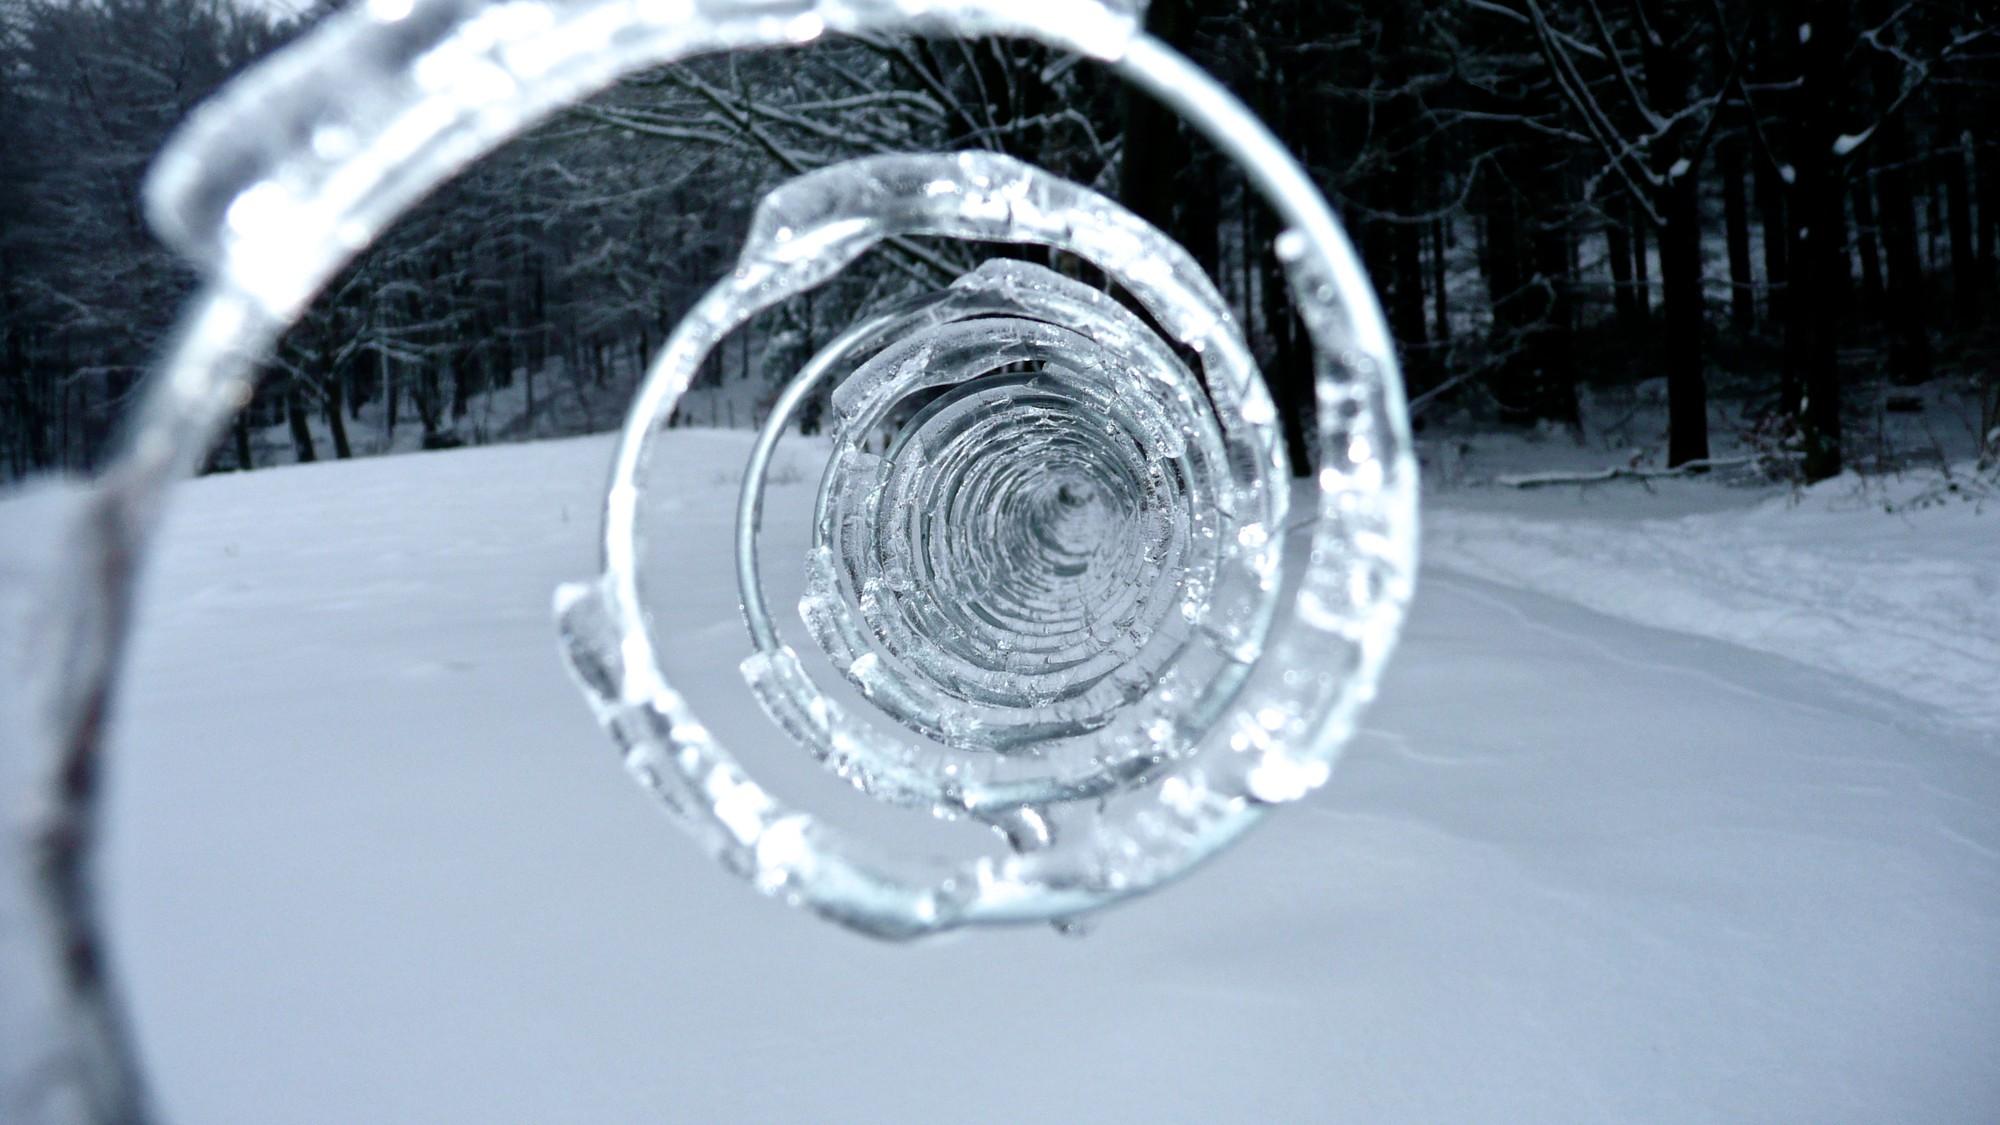 16 khung cảnh kỳ diệu chỉ có thể nhìn thấy vào mùa đông giá rét - Ảnh 7.